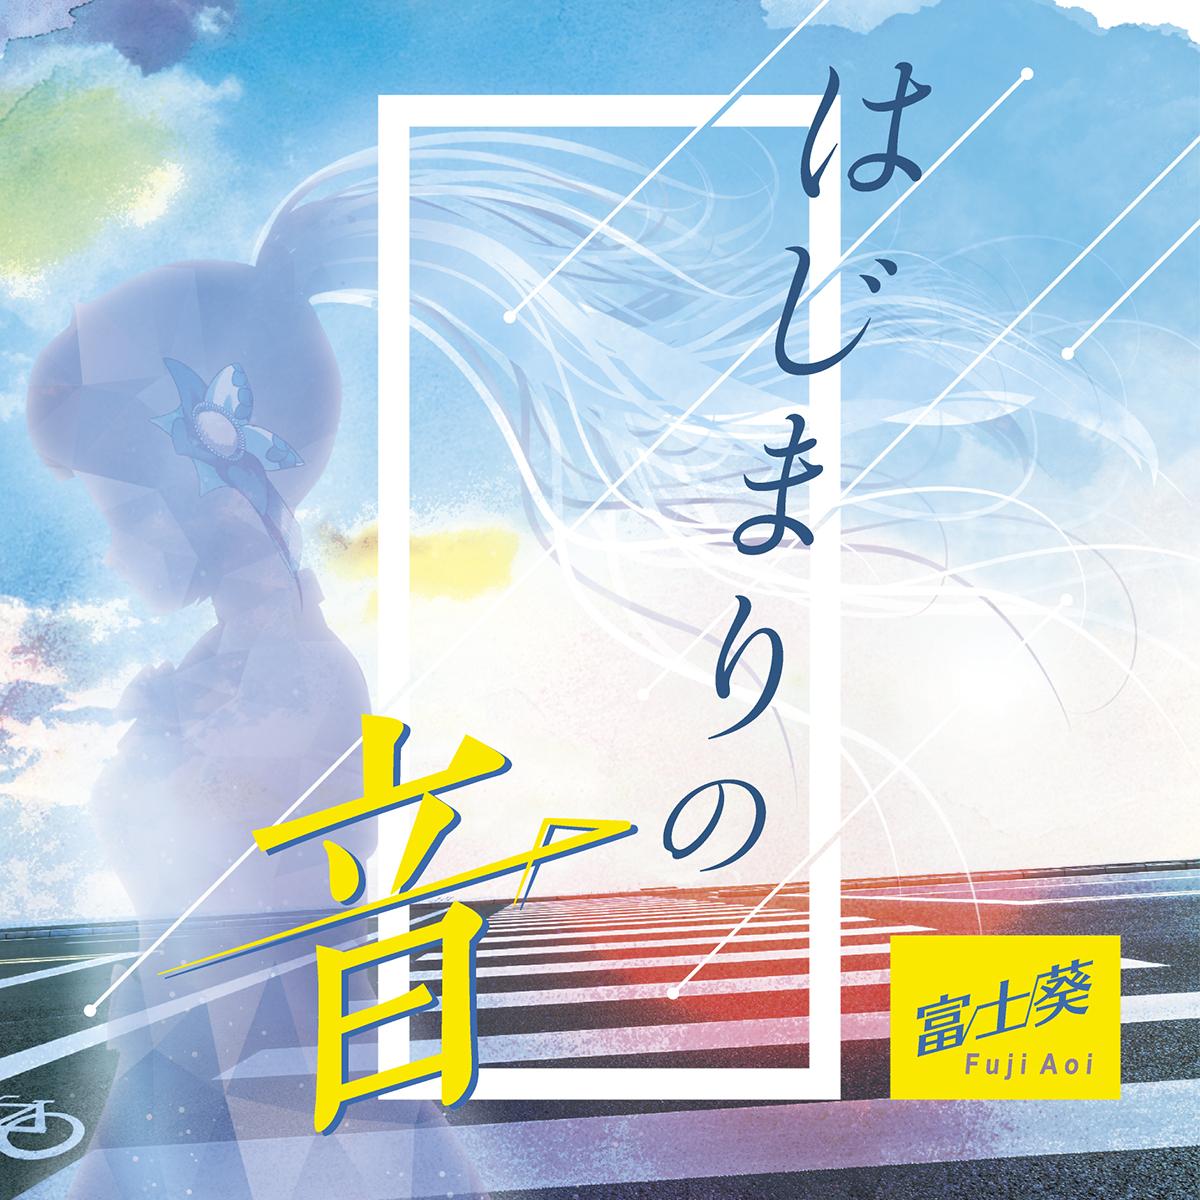 富士葵 デビューシングル「はじまりの音」初回限定盤ジャケット